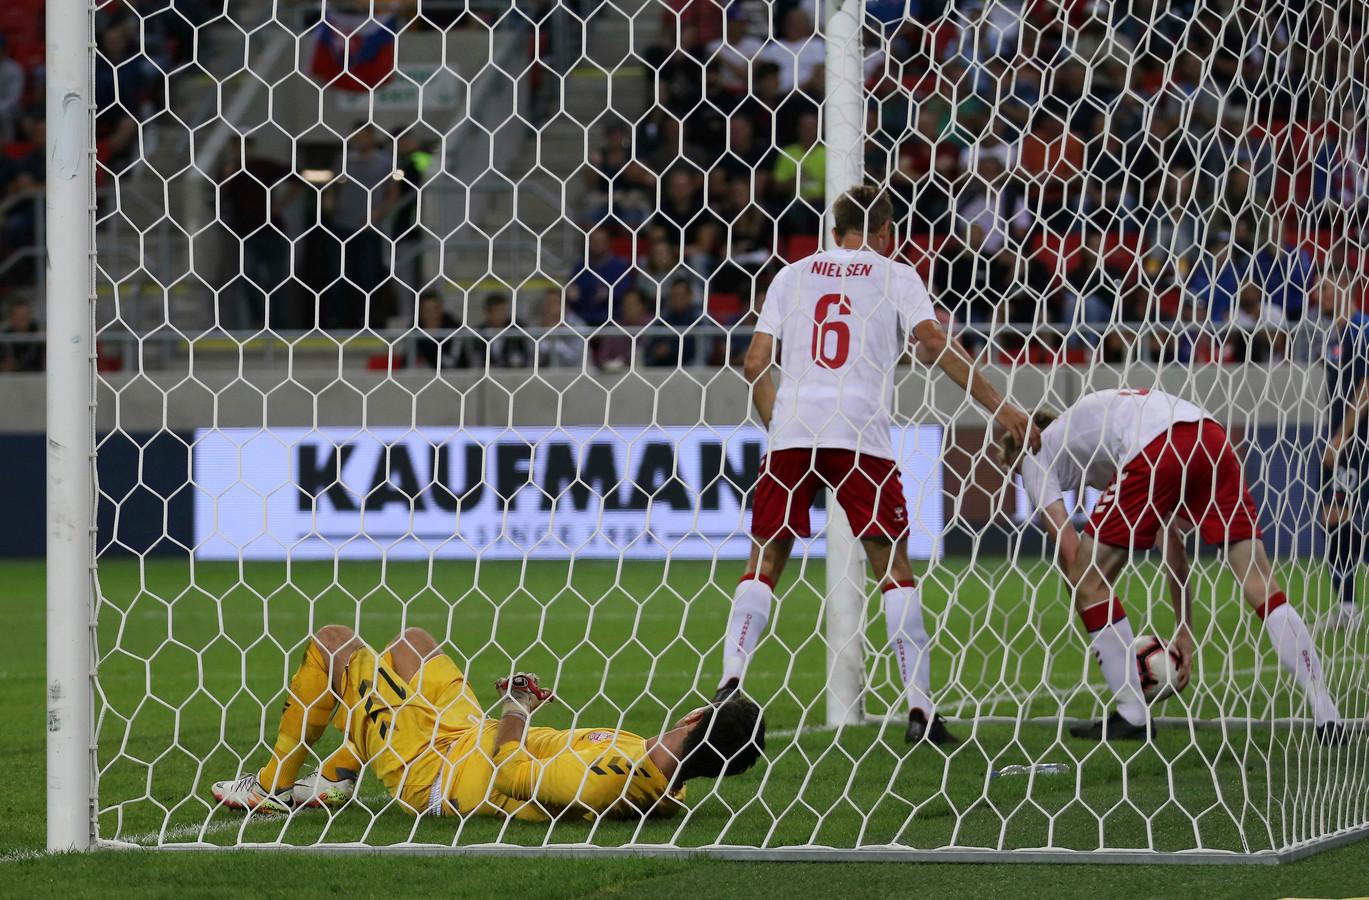 De Deense doelman Christoffer Haagh is verslagen door een eigen goal van Adam Fogt, normaal gesproken zaalvoetbalinternational.